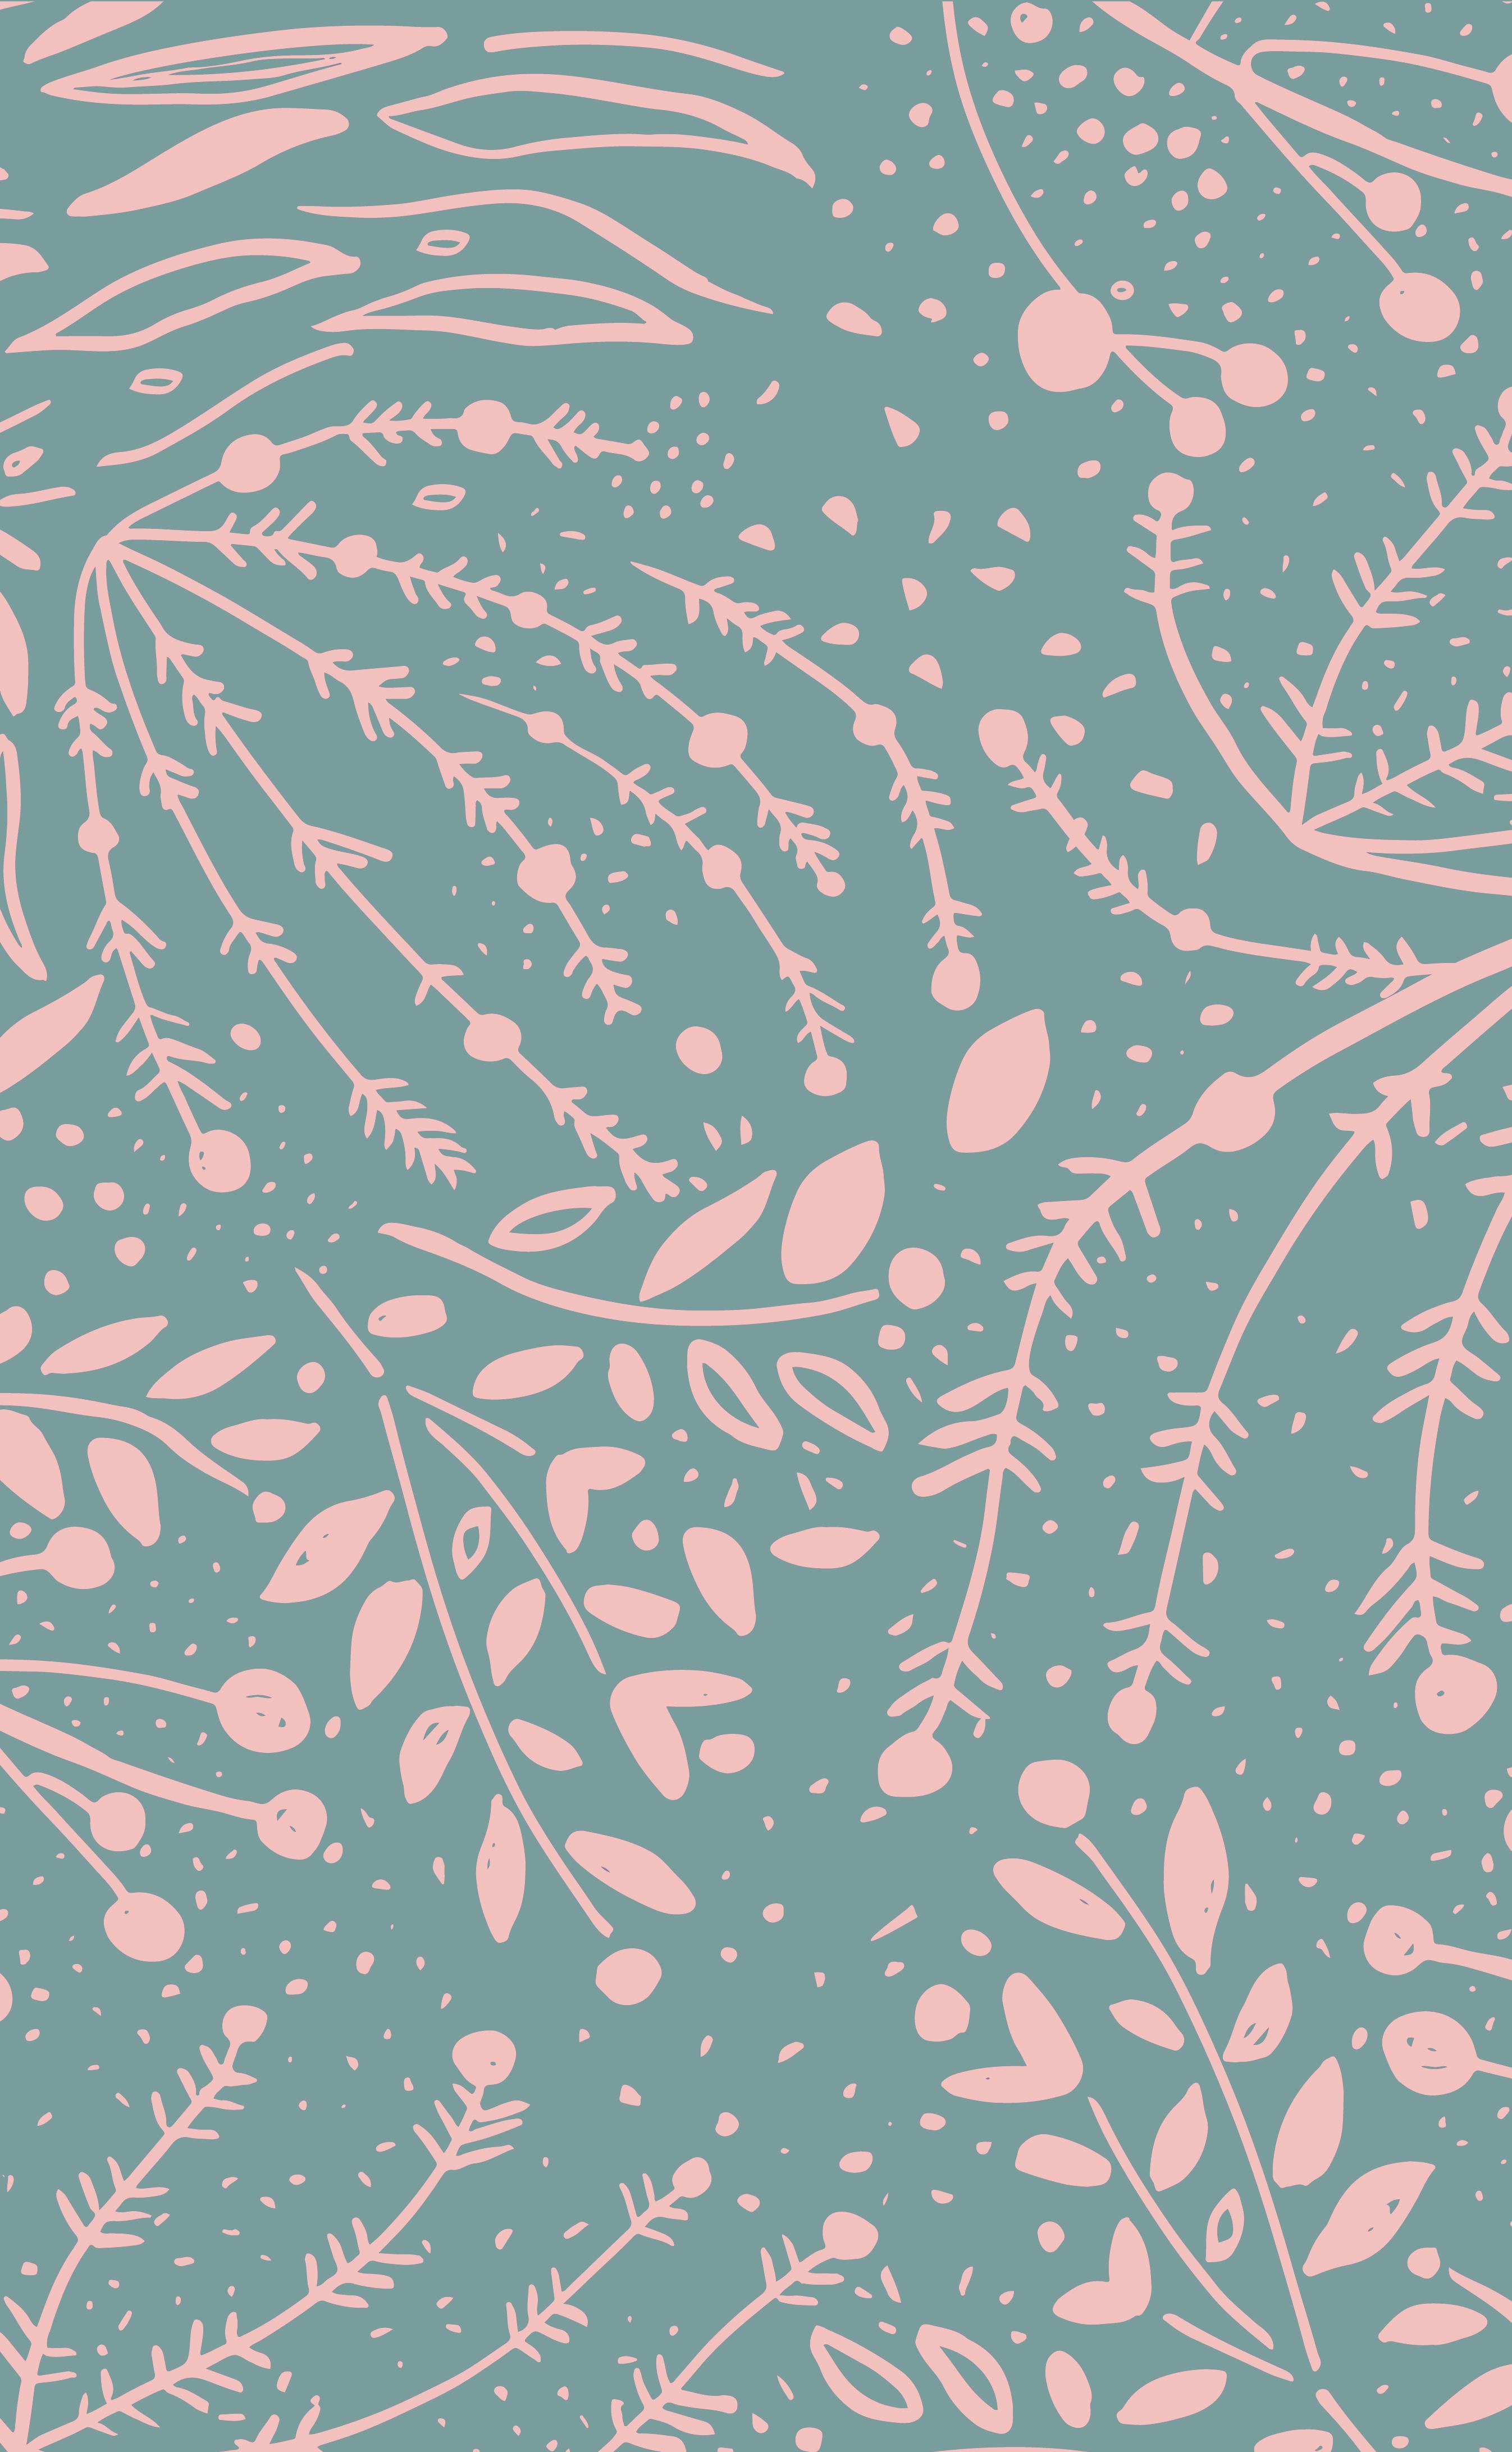 Flowers_PatternWind